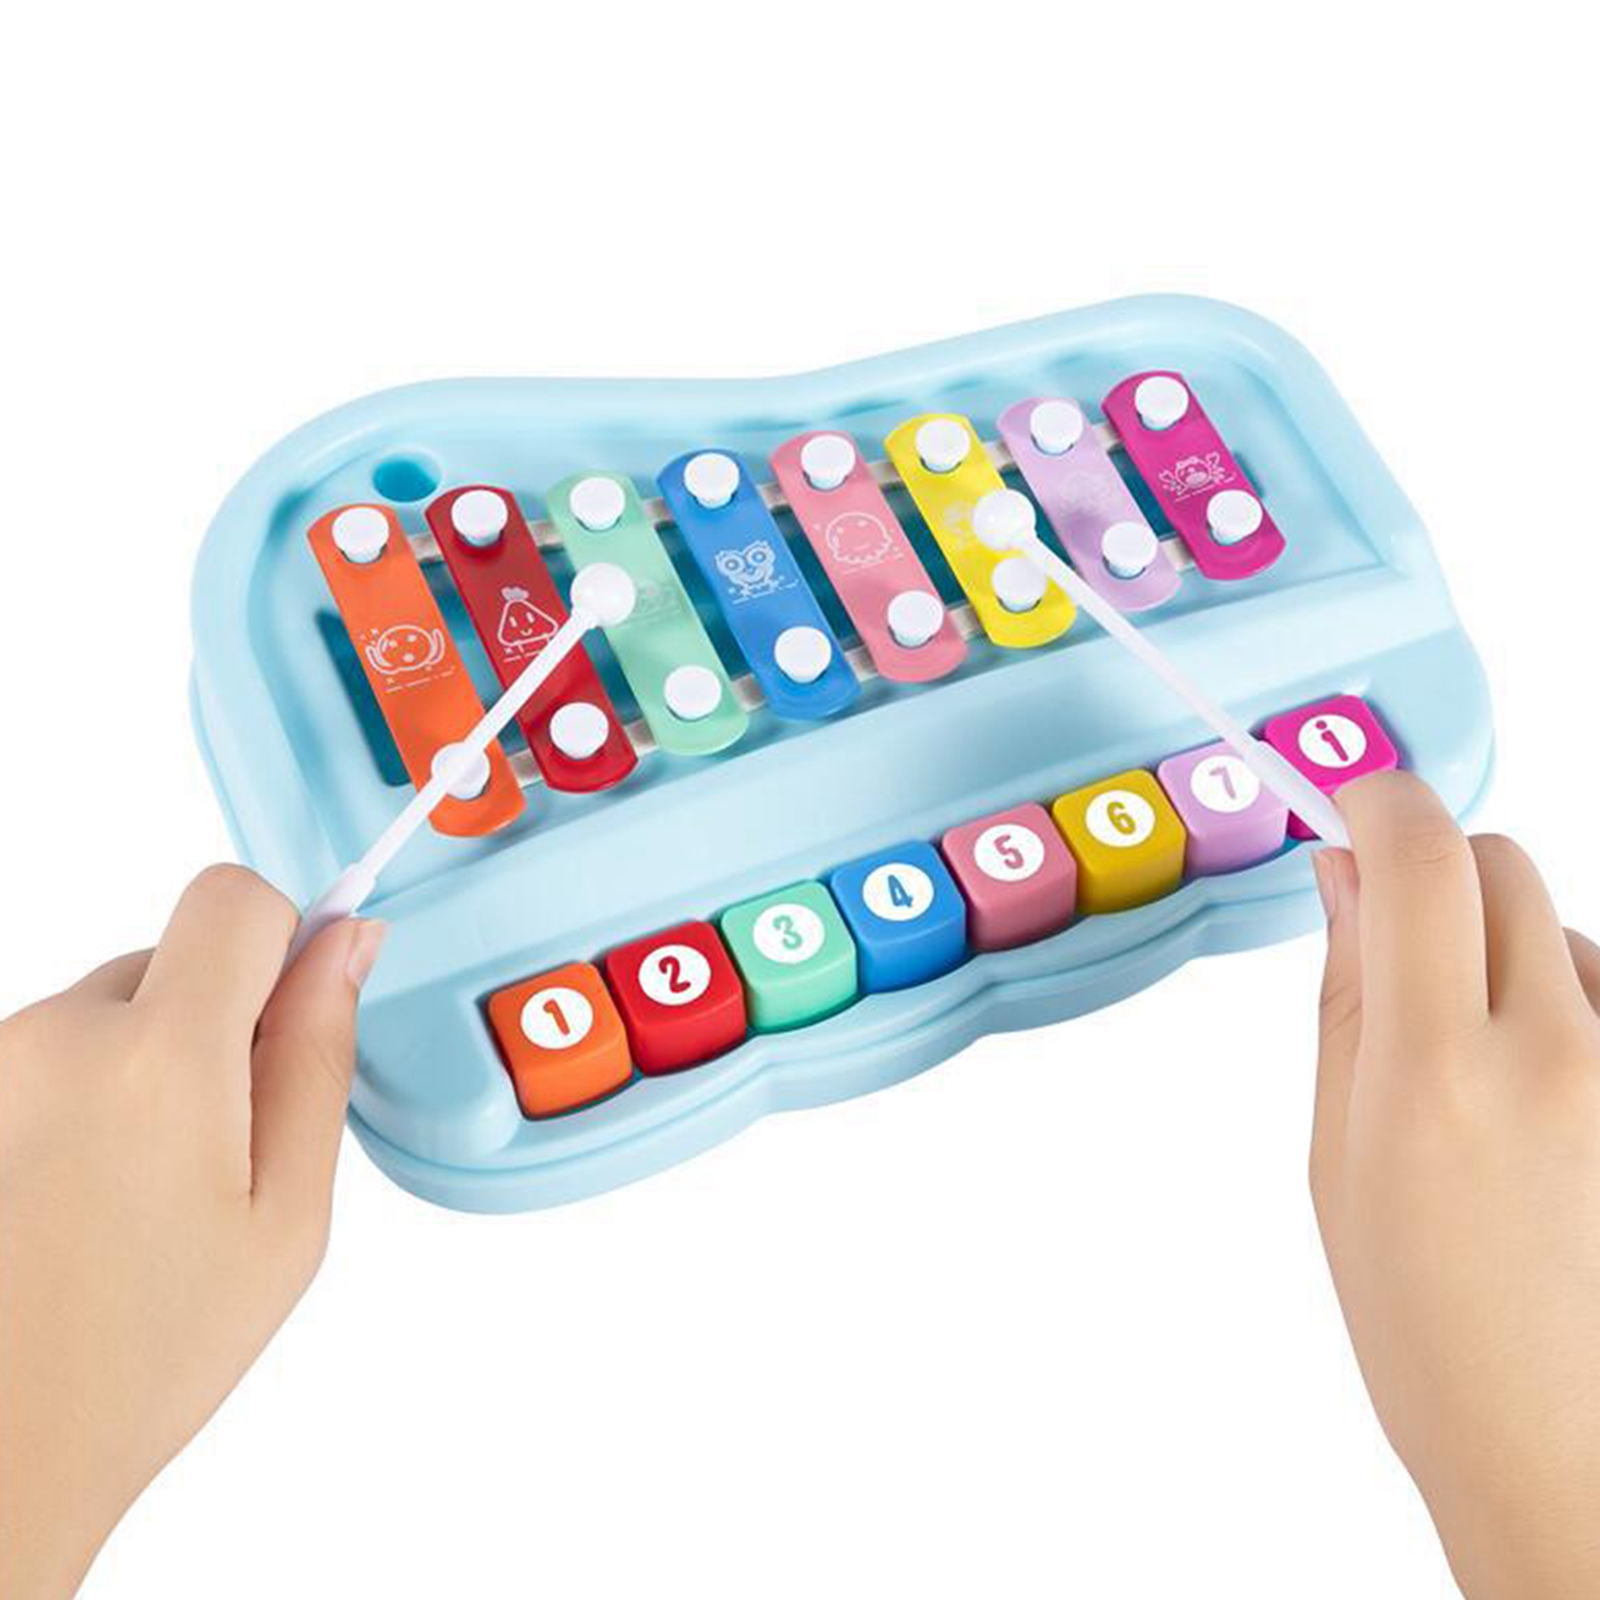 Детский игрушечный пианино с 8 весами, аксессуар для раннего развития музыкальных инструментов